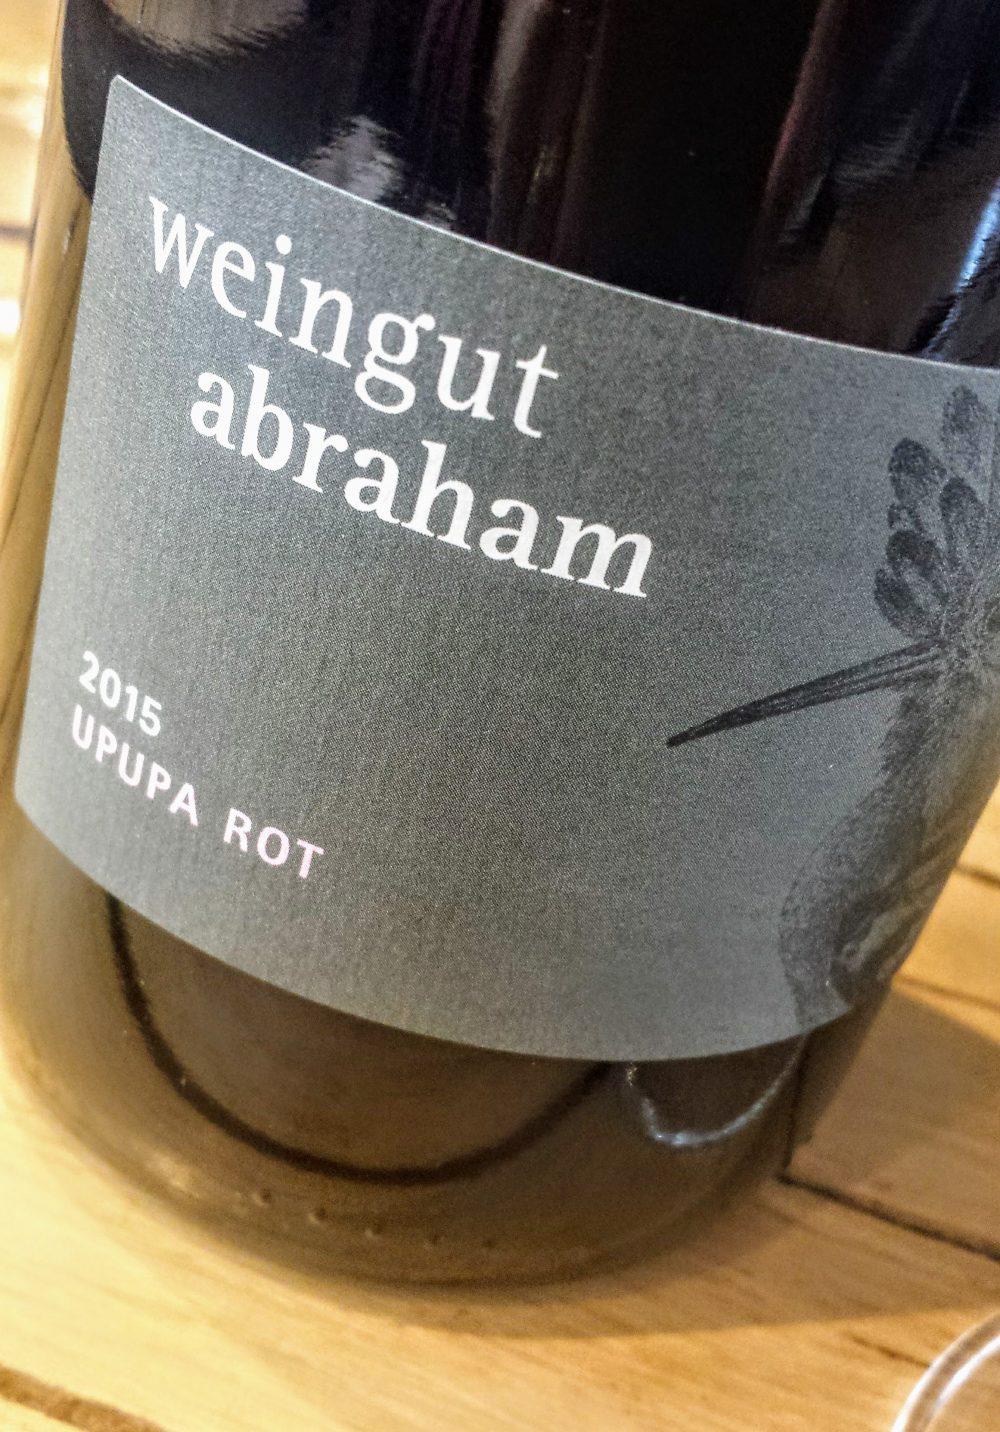 Abraham, Upupa Rot 2015